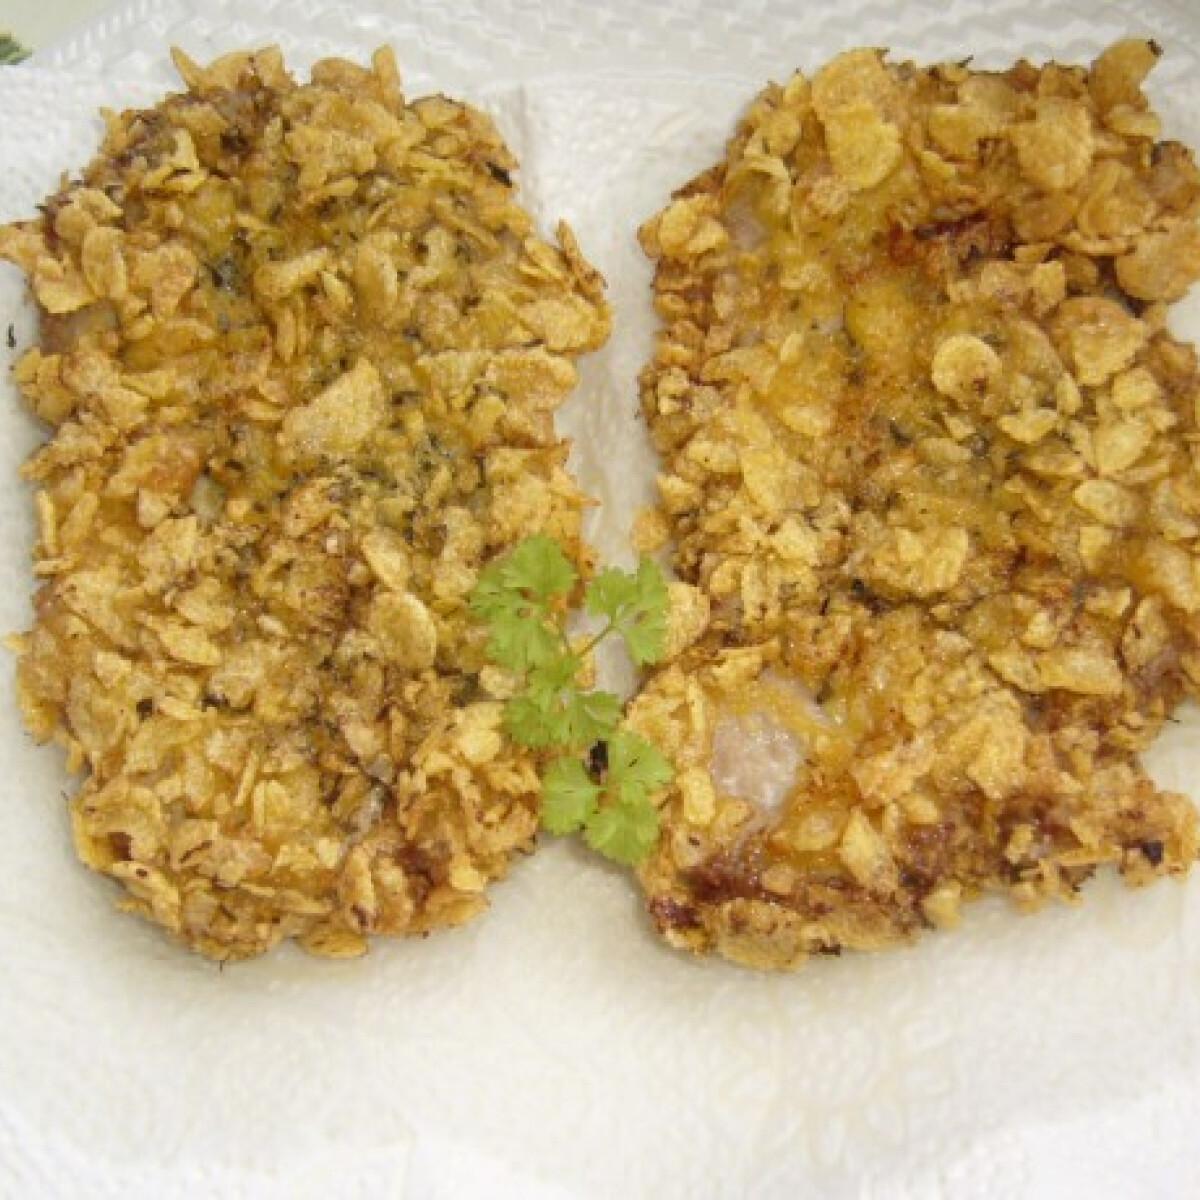 Ezen a képen: Chips-es vagy corn flakes-es rántott hús